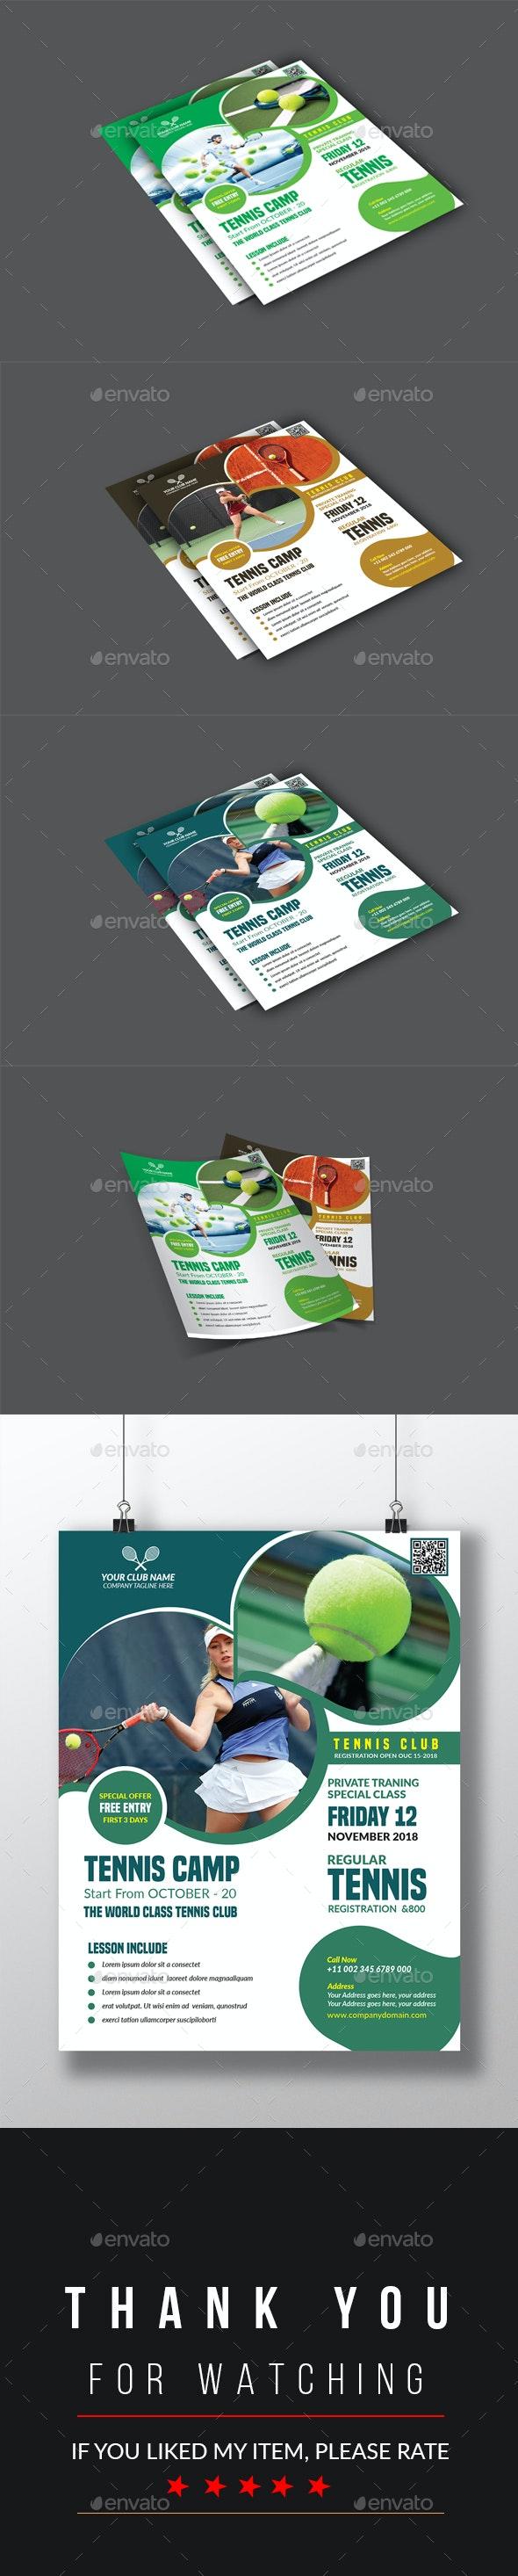 Tennis Flyer - Flyers Print Templates